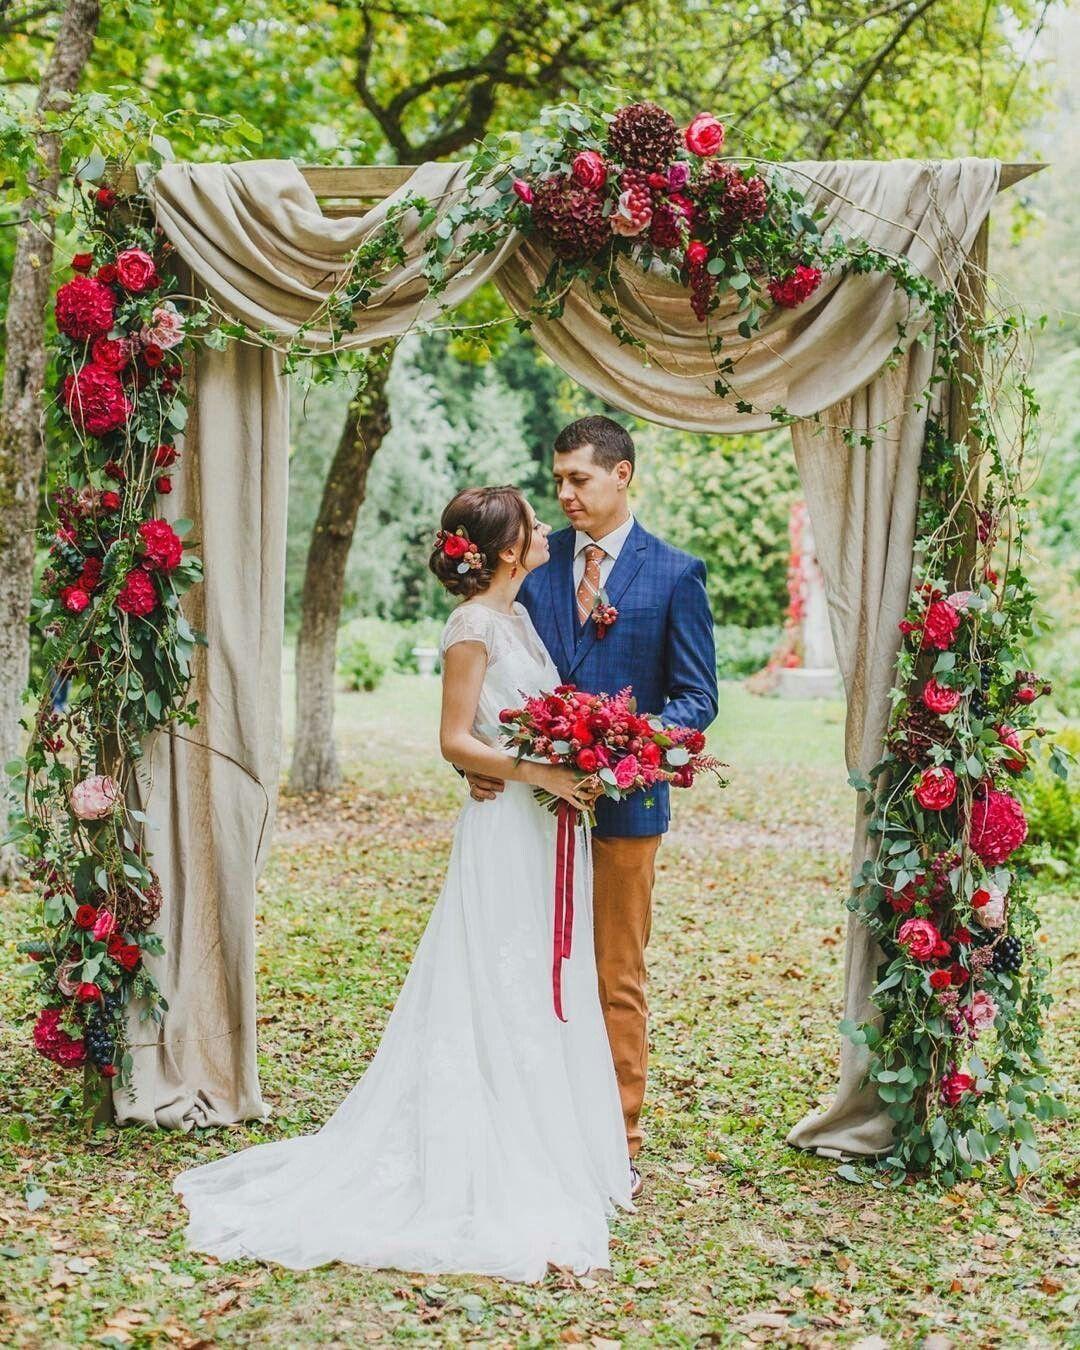 Oak Arbor Church: ↗️ 91 Beautiful Diy Wedding Arch Ideas 6485 #weddingarch